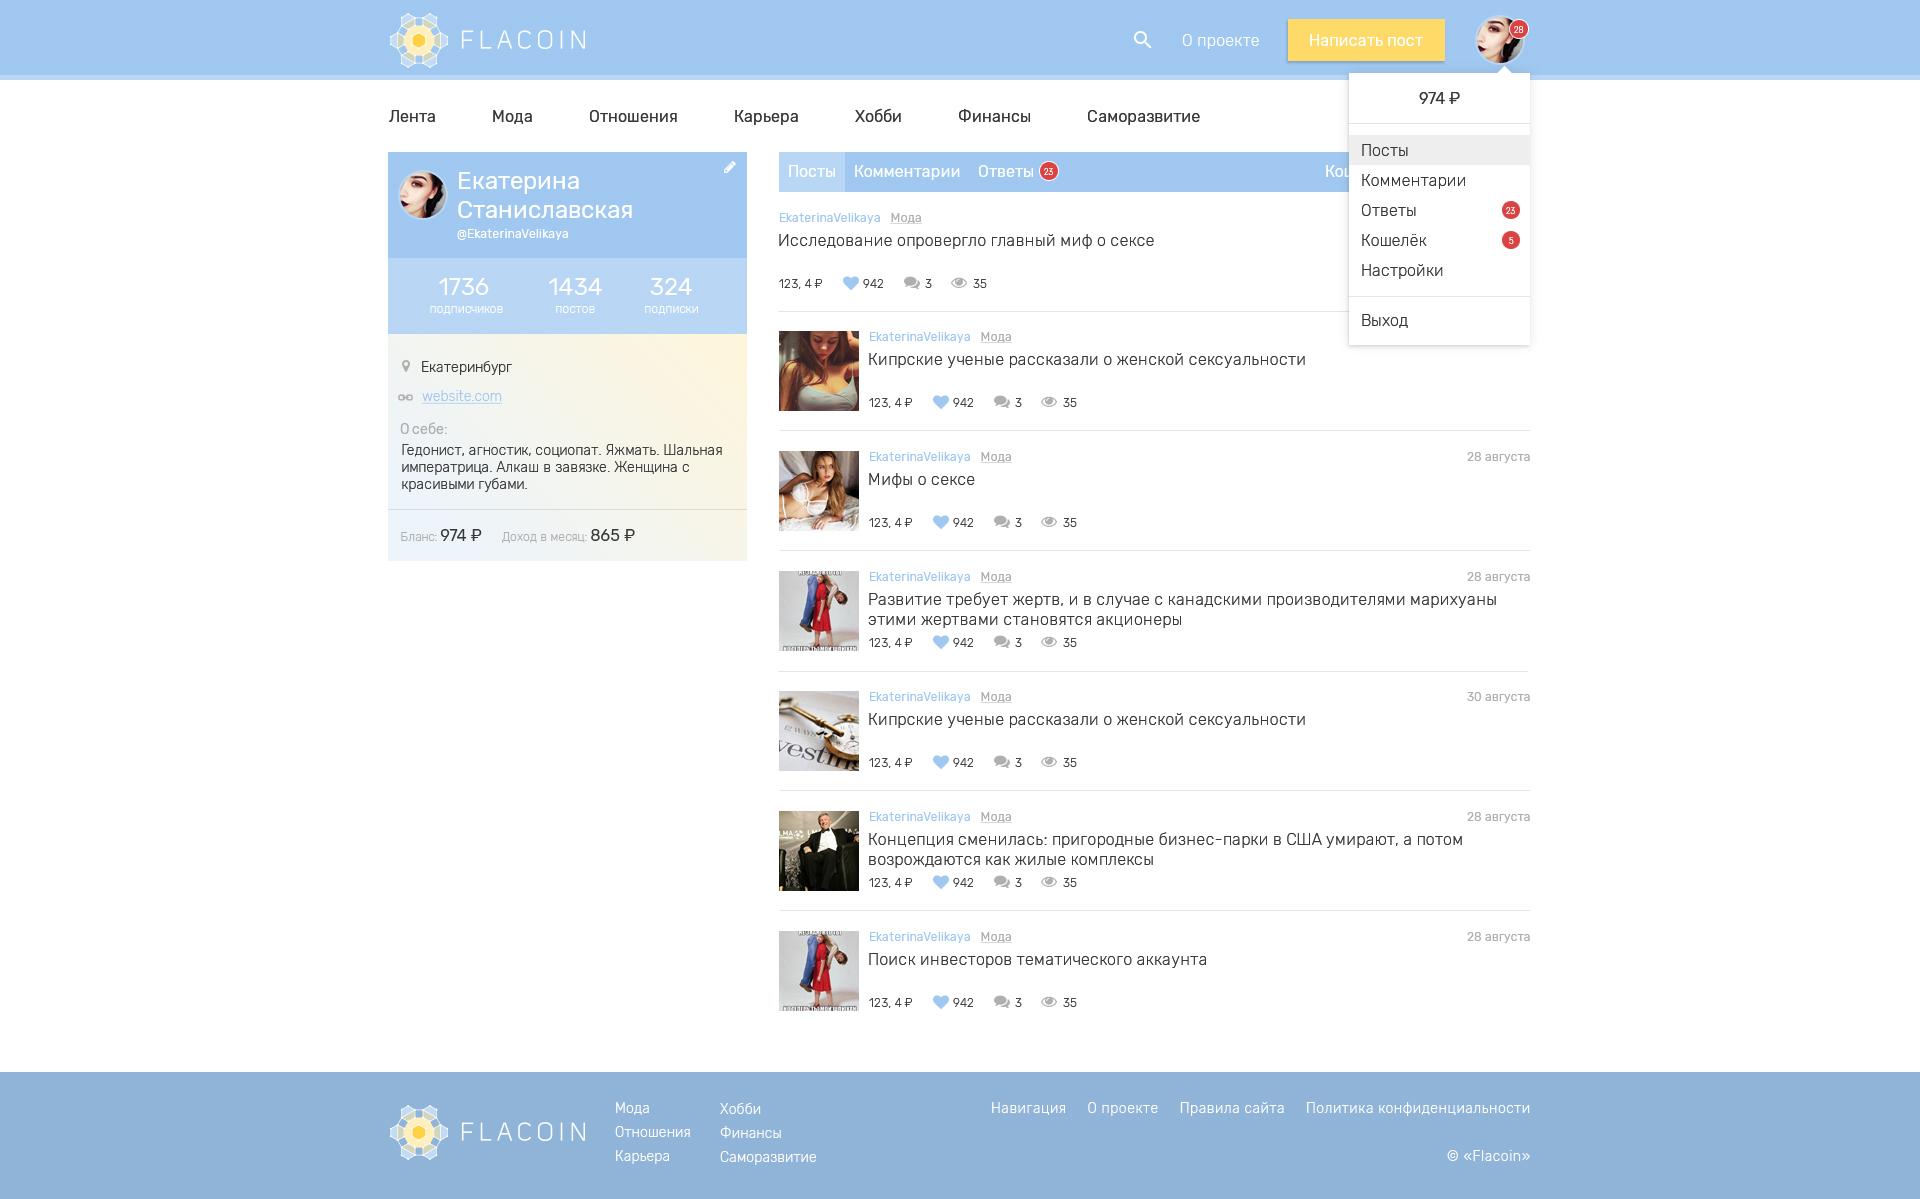 Дизайн для блога/социальной сети